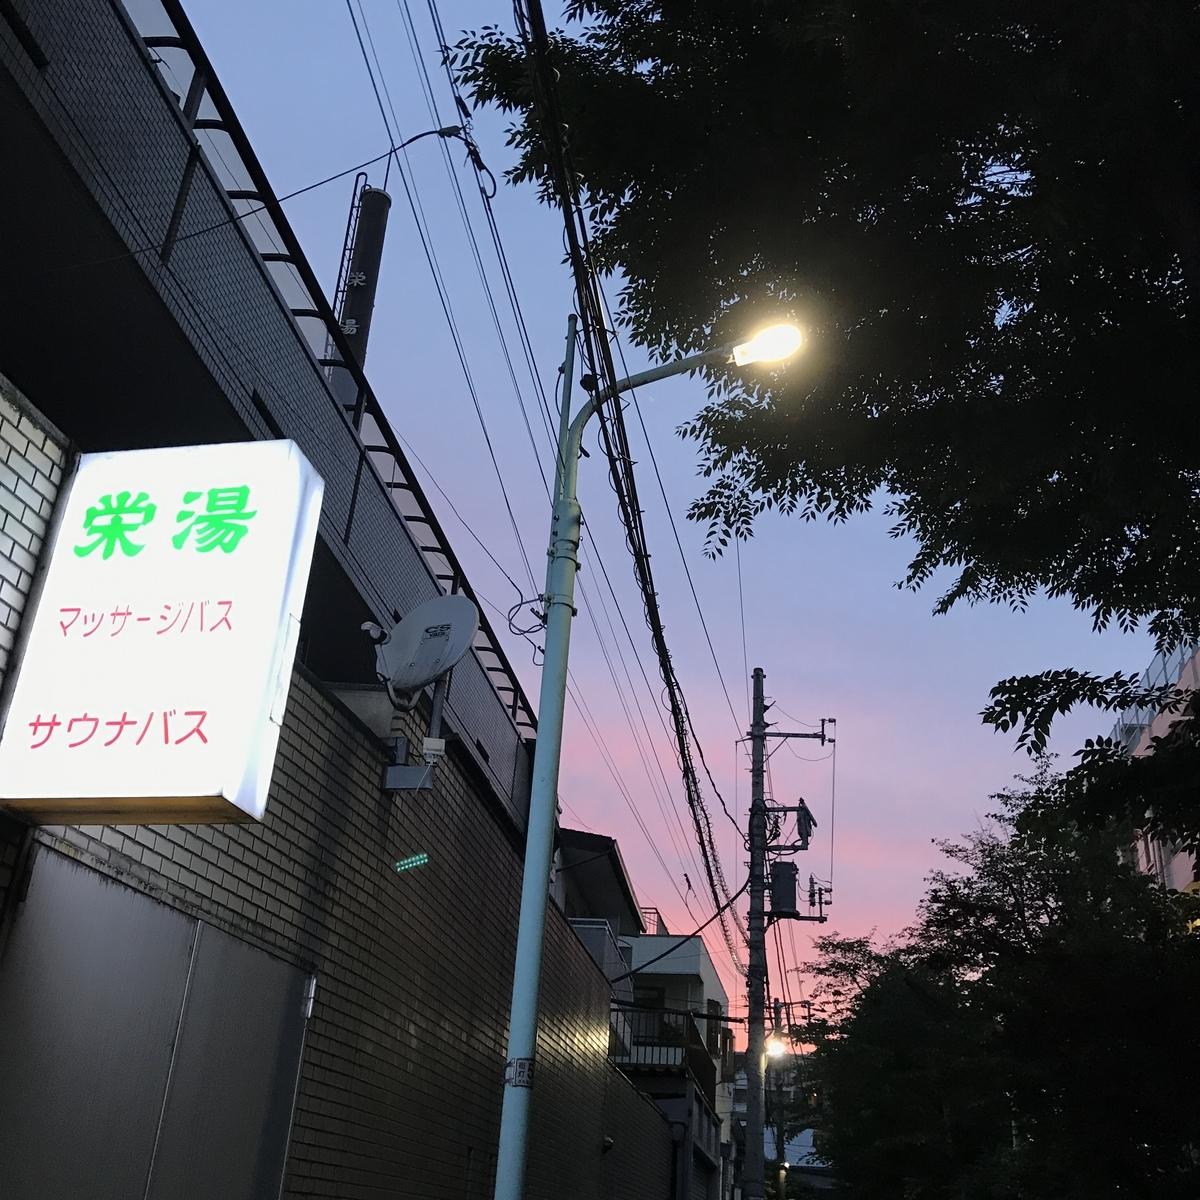 f:id:tatsuyaimamura:20210528215952j:plain